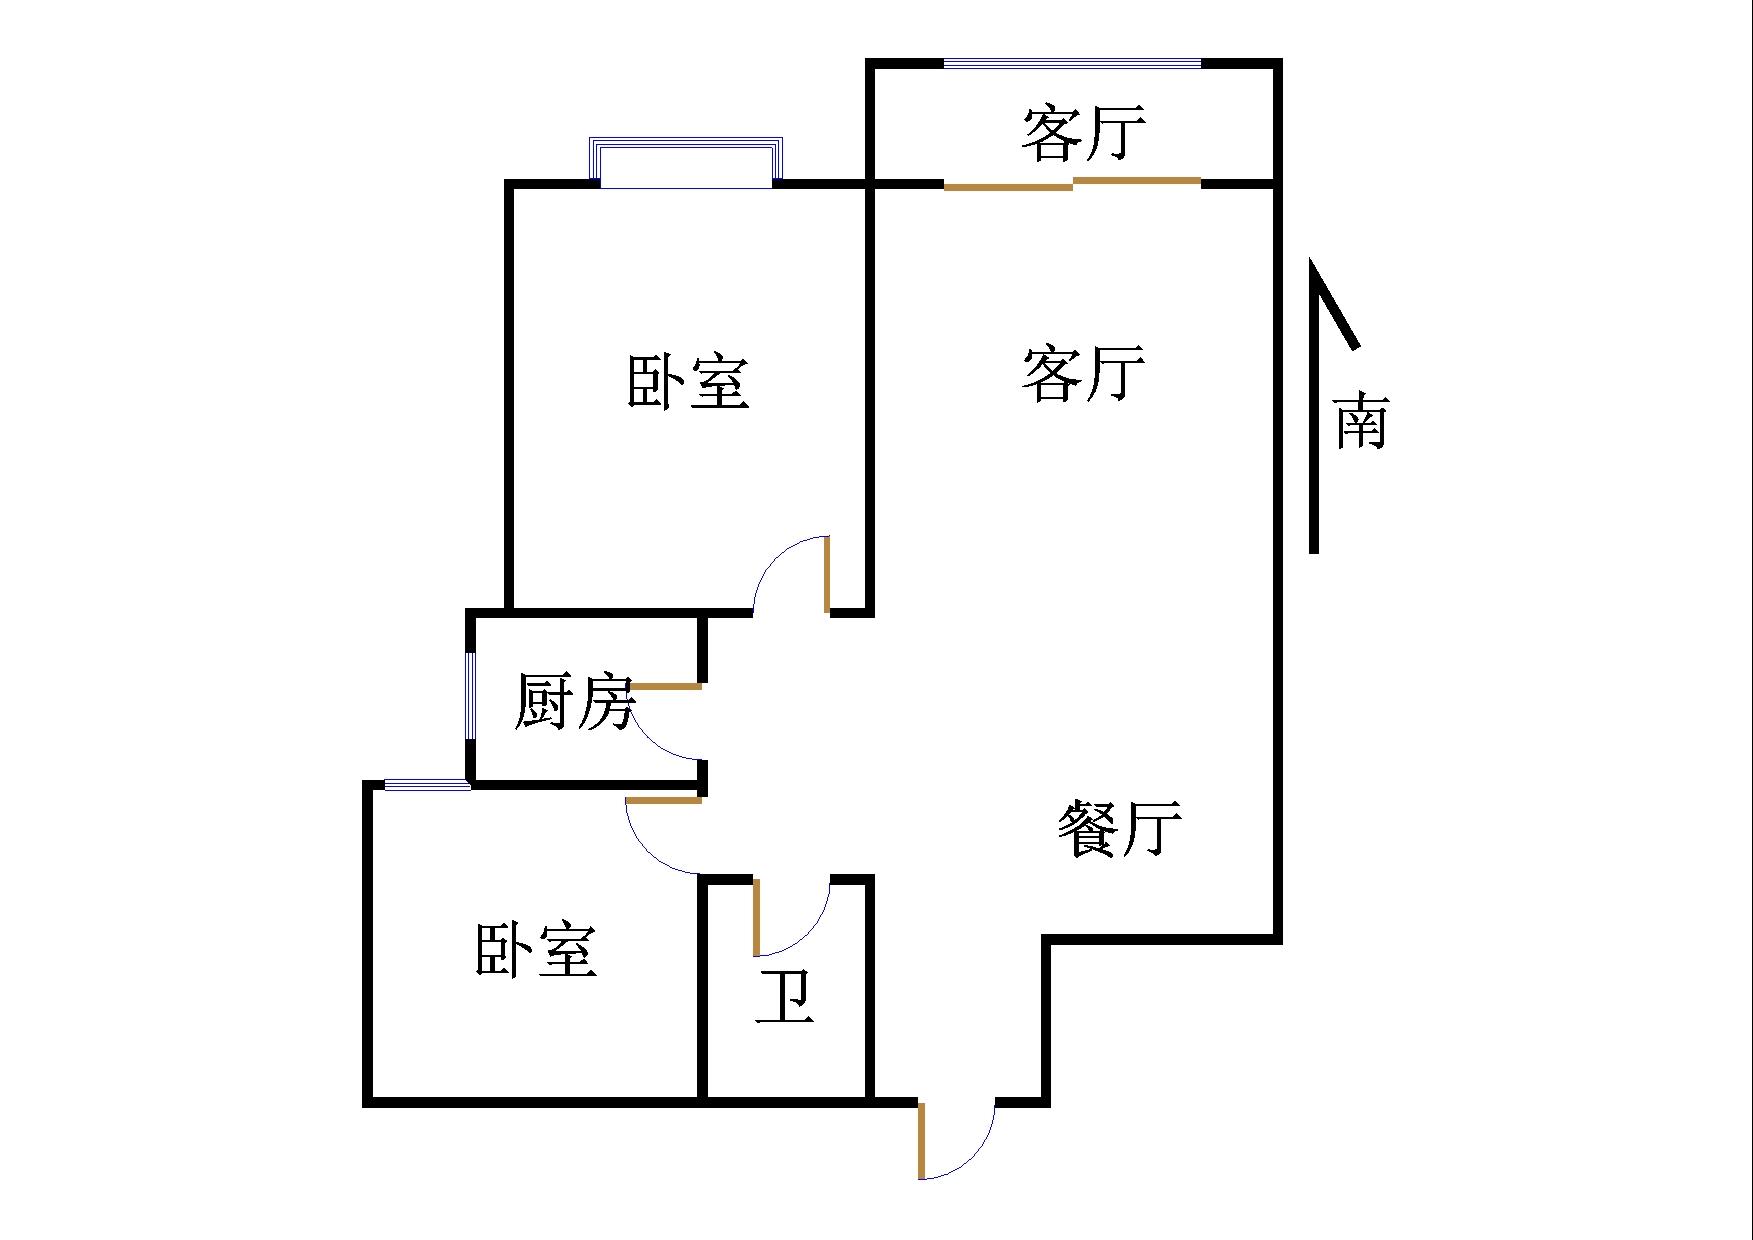 嘉城盛世 2室2厅 17楼